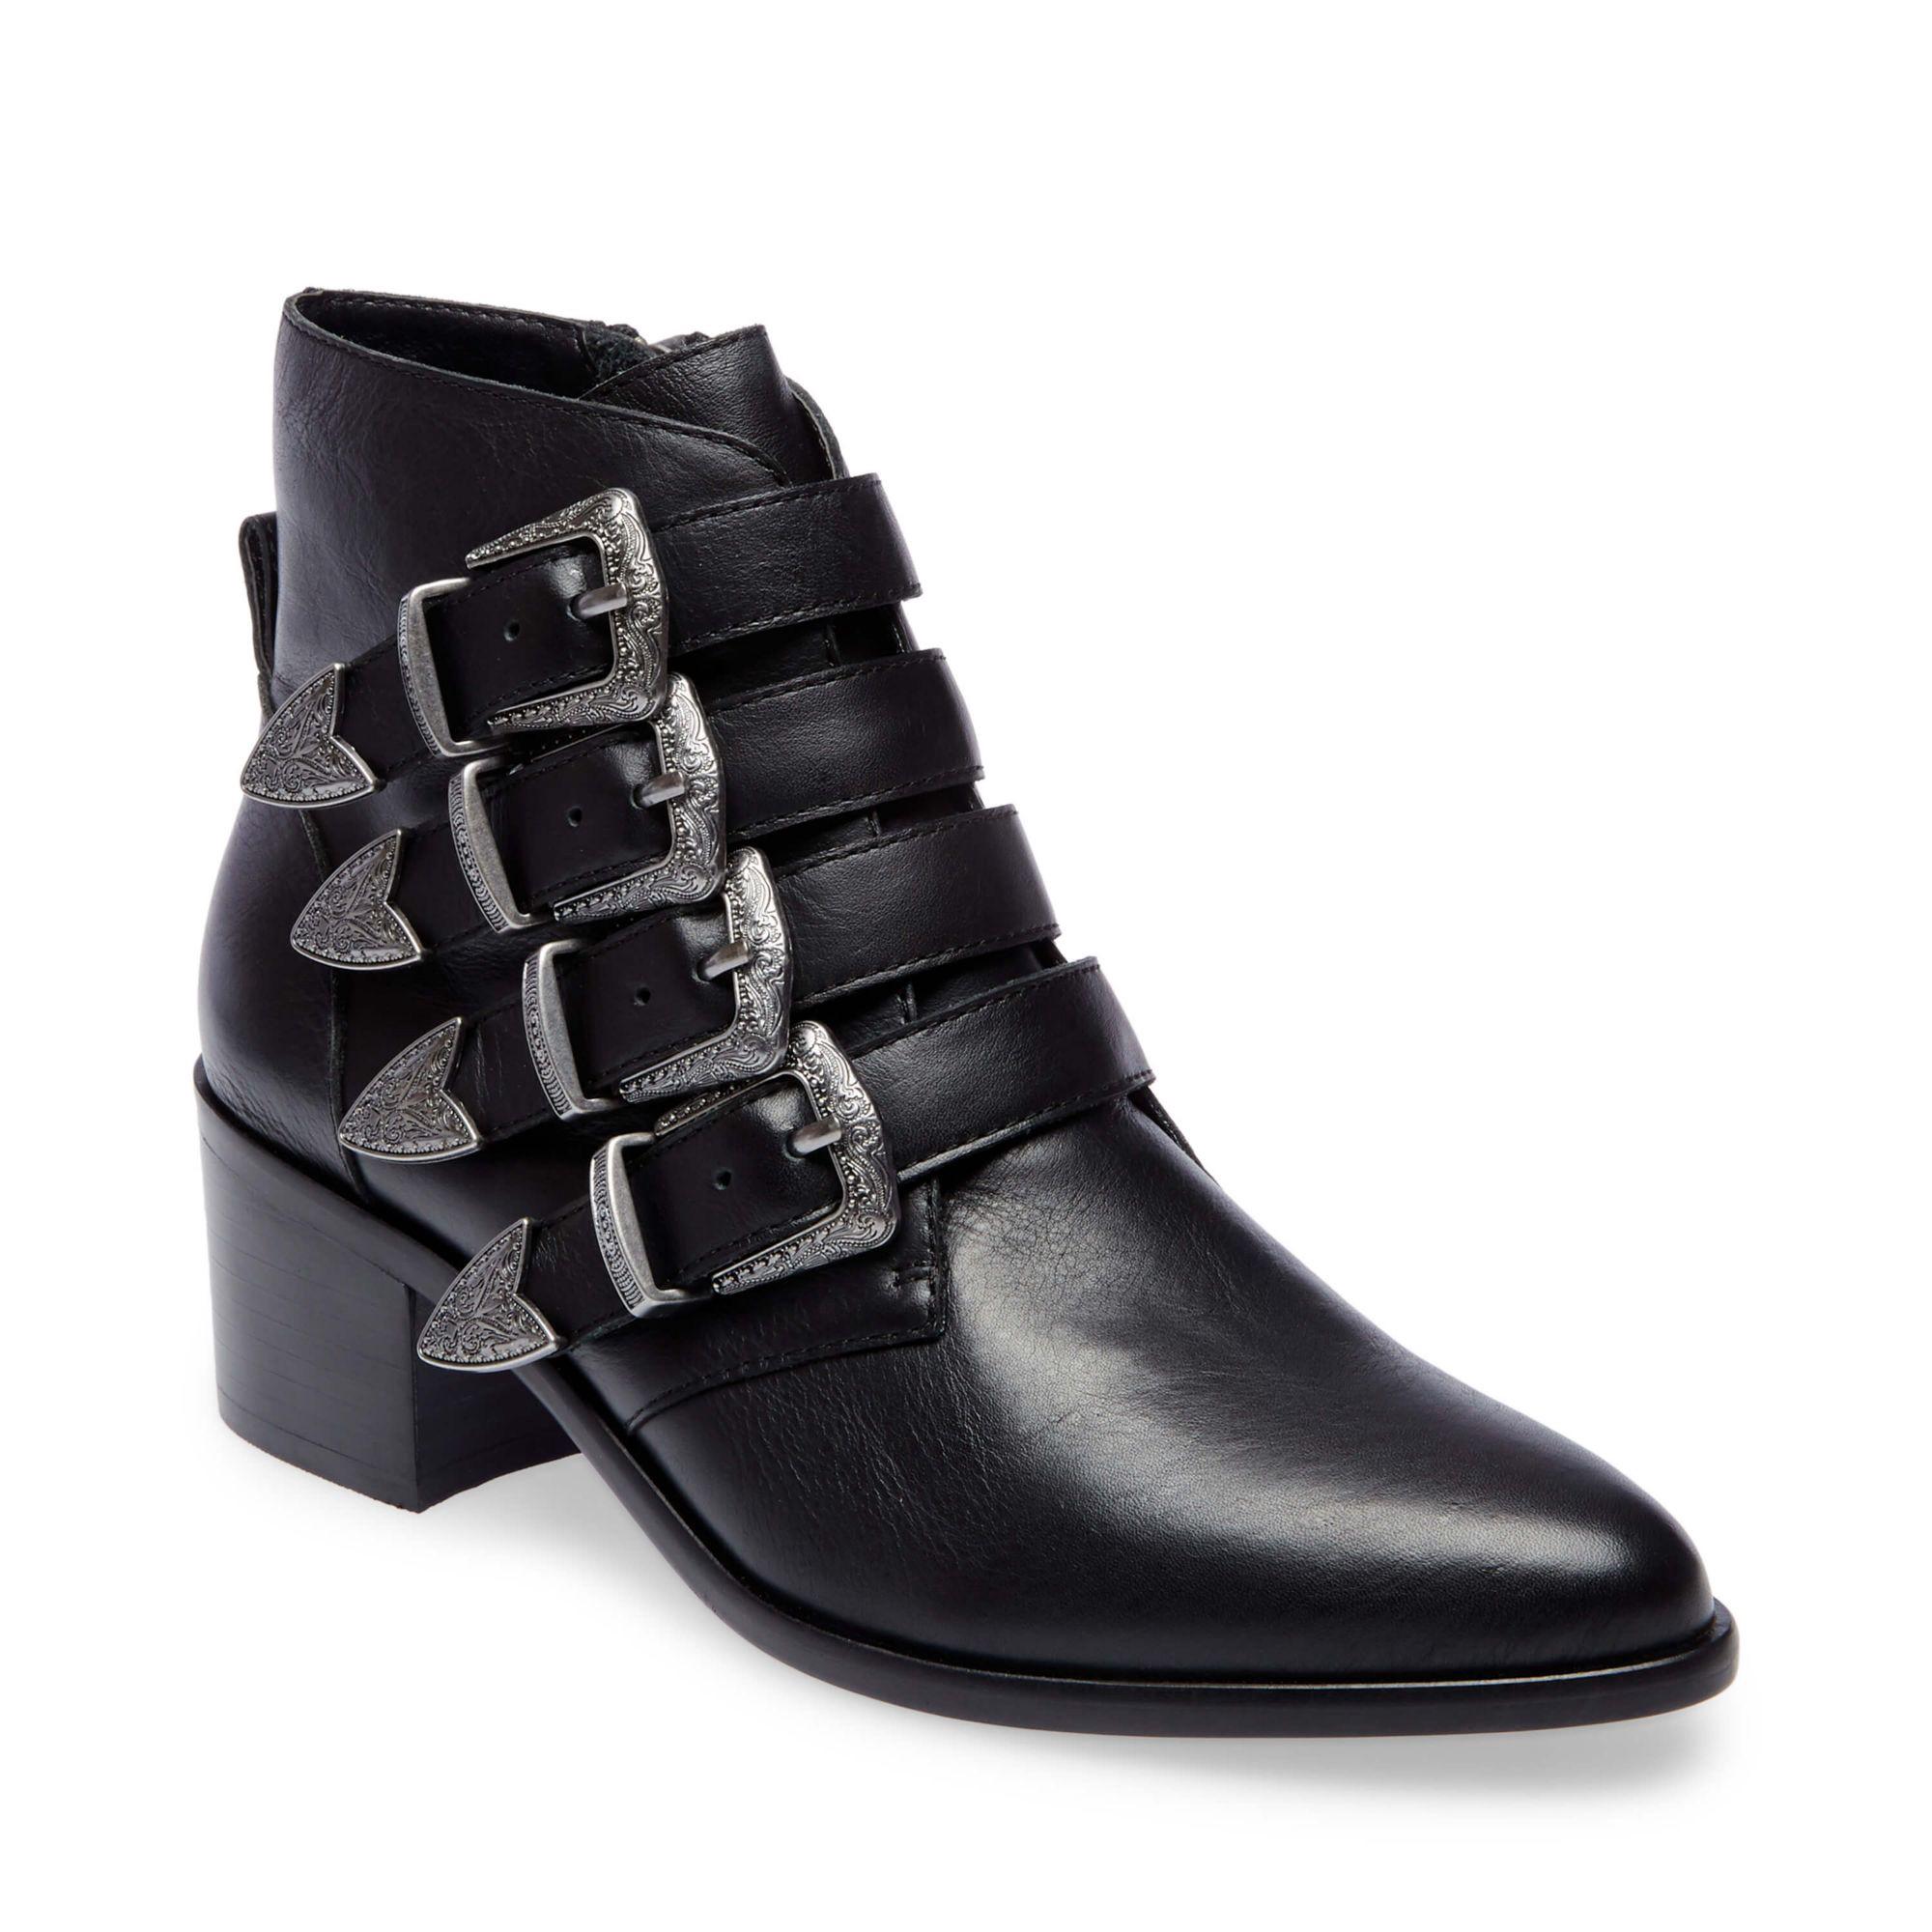 9cf1bd65151 Steve Madden Billey - Black Leather 10.0